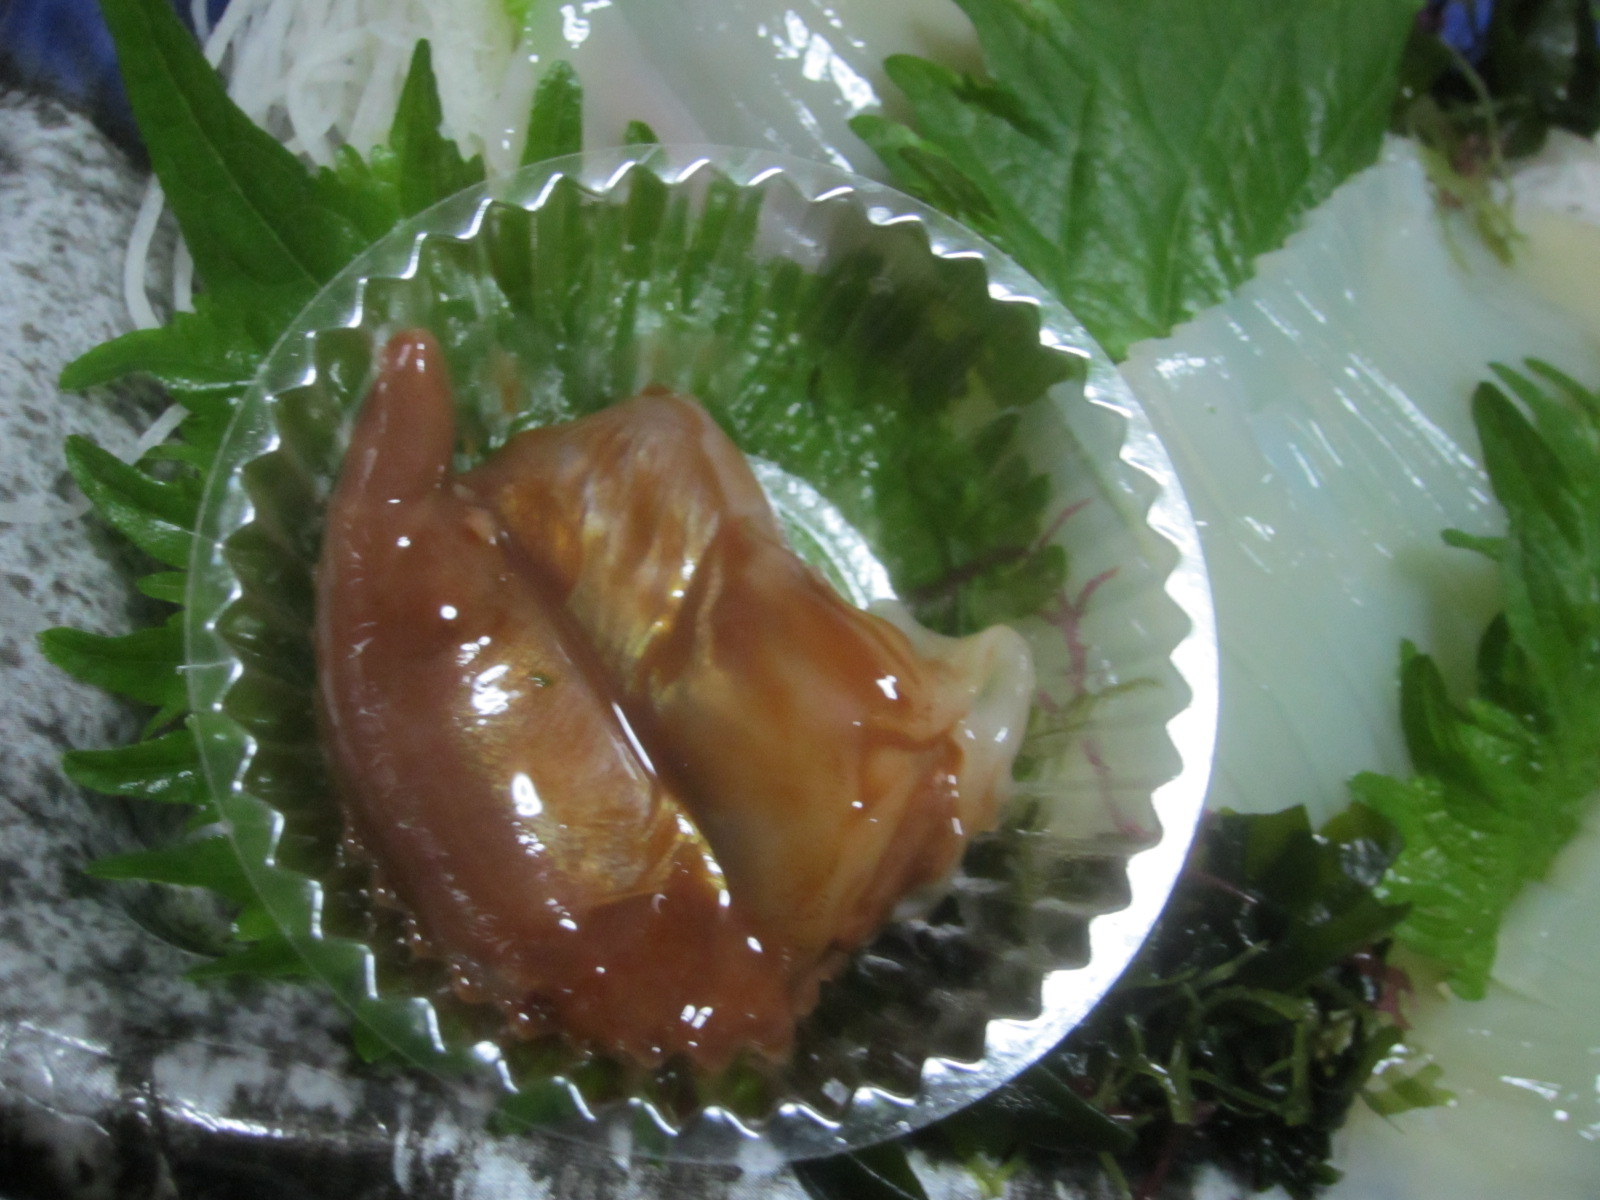 IMG 0030 - スルメイカの刺身が売ってた、ゴロ付きで